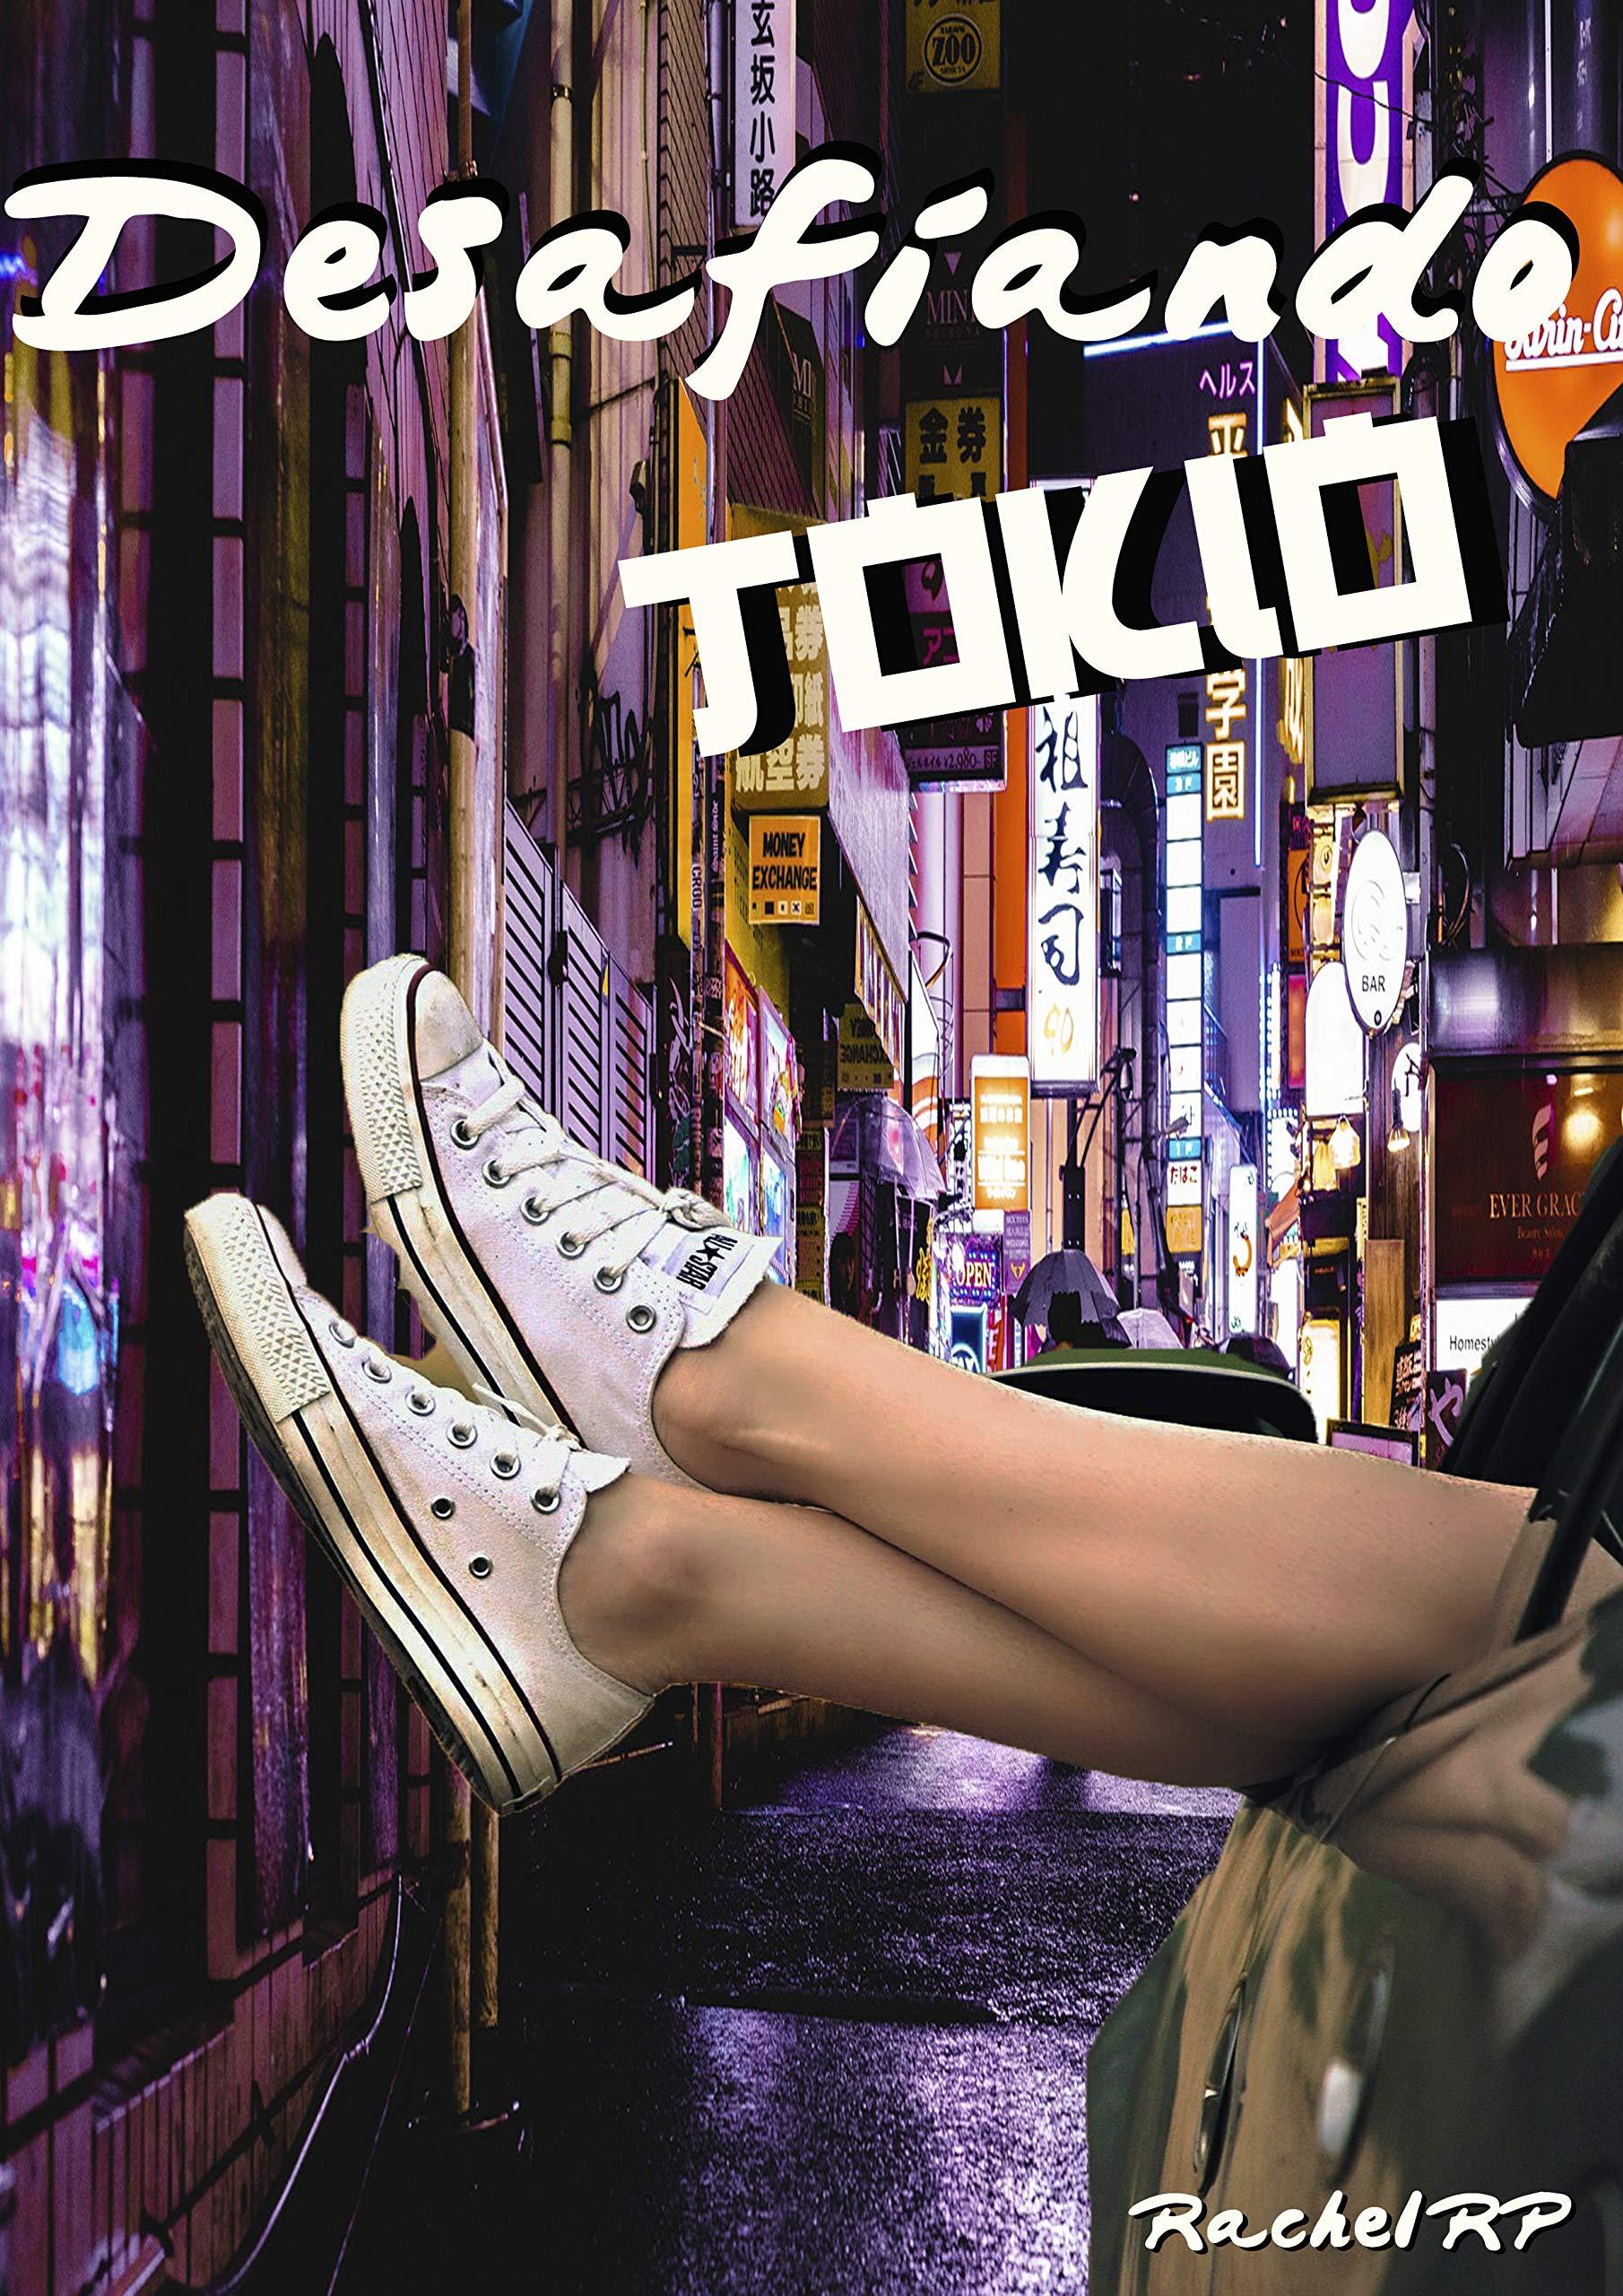 Desafiando Tokyo por Rachel RP